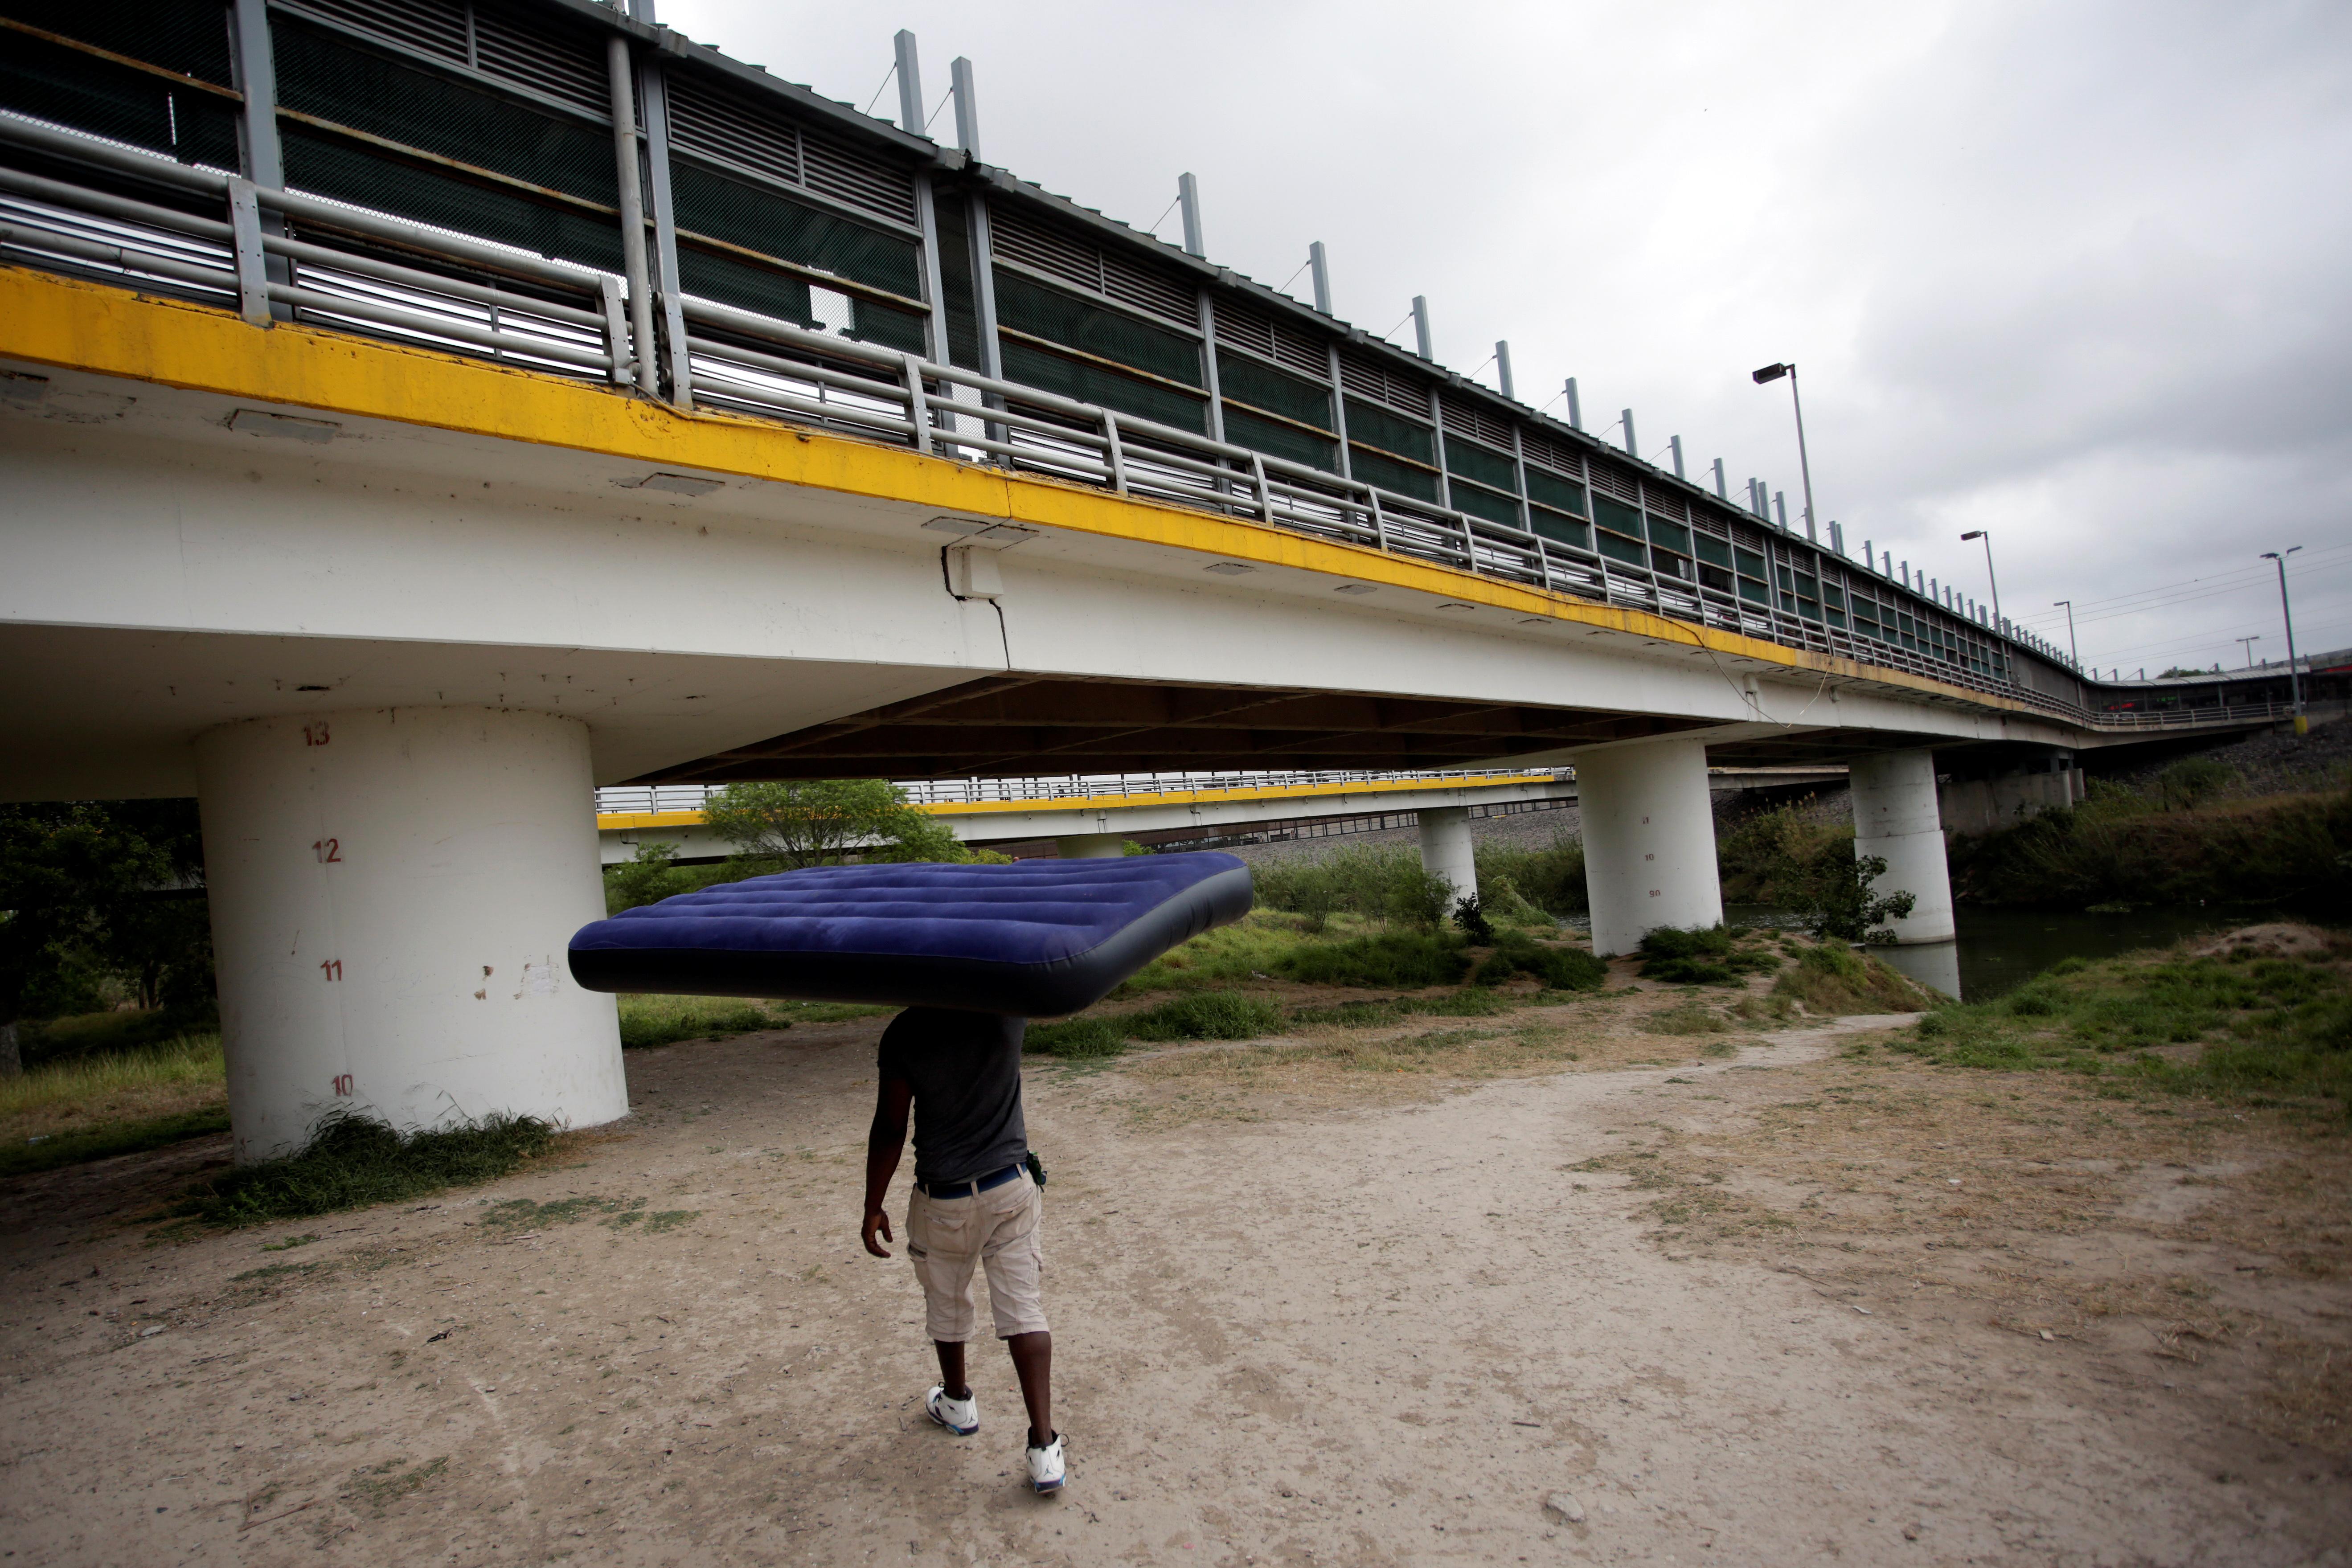 Un migrante de Haití, que busca asilo en los EE. UU., Lleva un colchón cerca del Puente Internacional Matamoros-Brownsville, cerca de un campamento de más de 2,000 migrantes, mientras las autoridades locales se preparan para responder al brote de la enfermedad por coronavirus (COVID-19) , en Matamoros, México 20 de marzo de 2020.